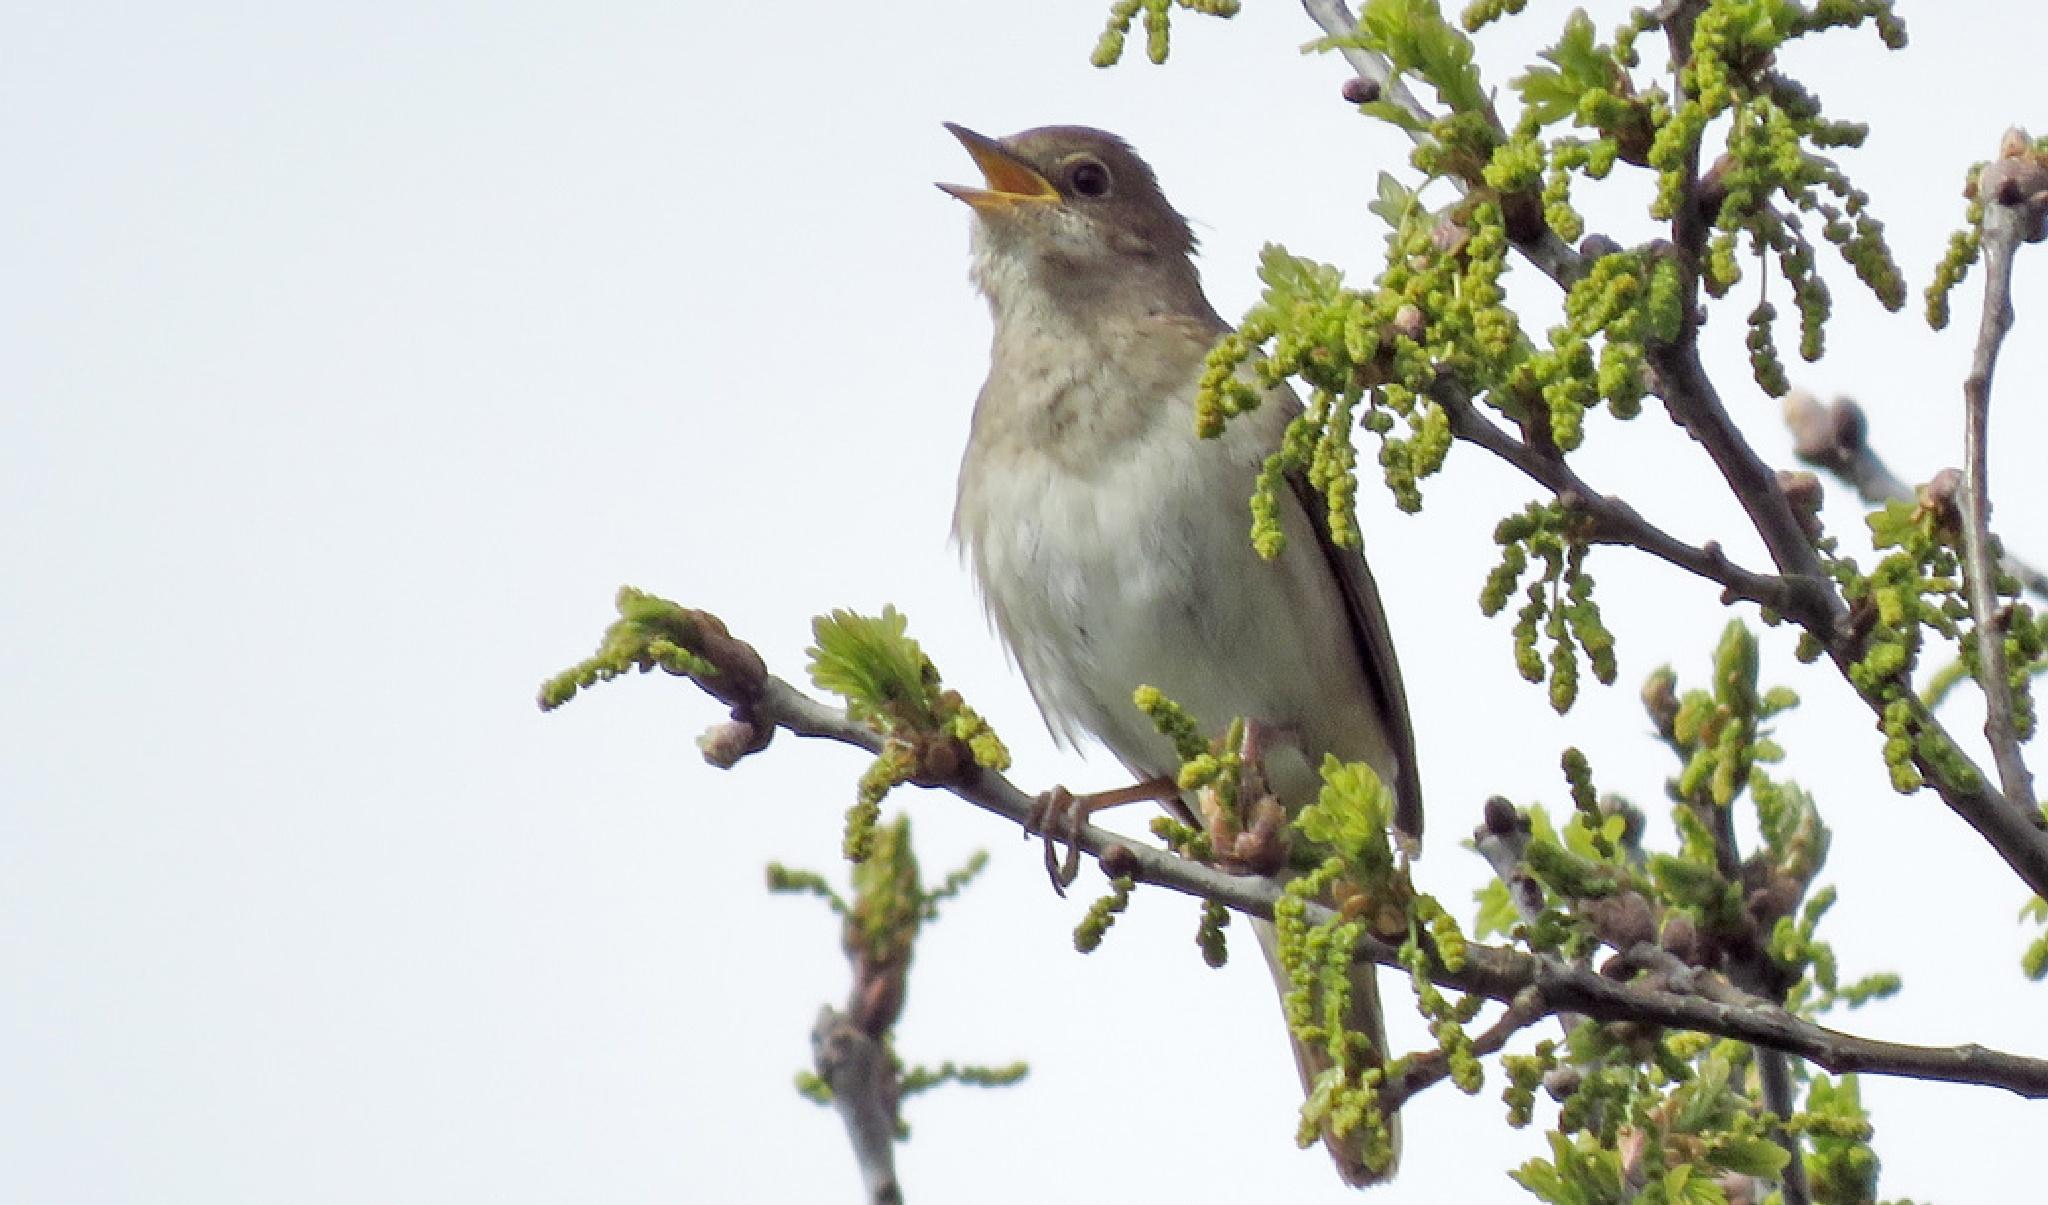 Thrush Nightingale 60 (Luscinia luscinia) by Dekayne